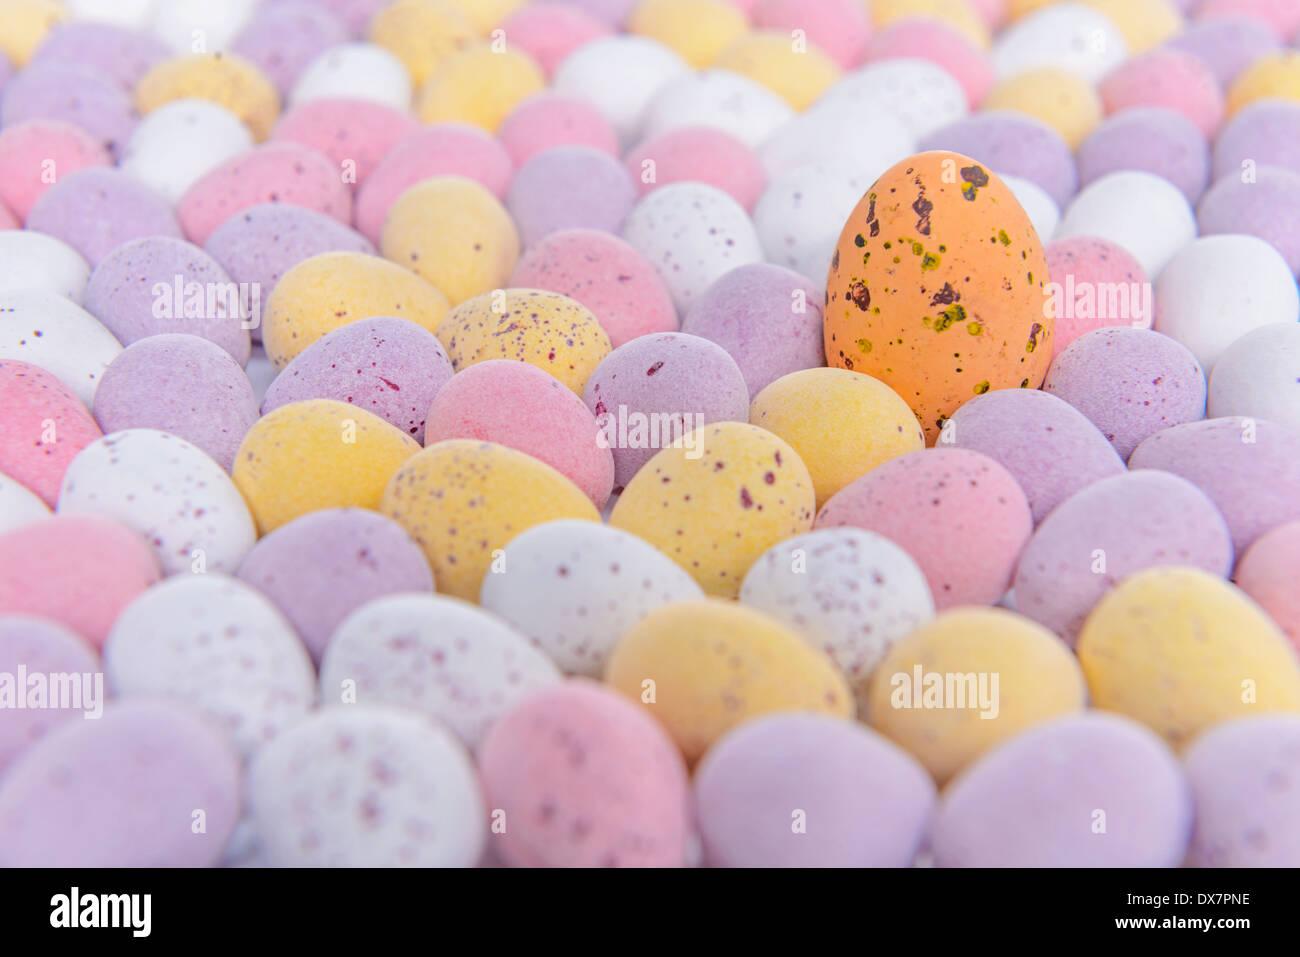 Viele Mini-Bonbons fallen Schokoladeneier mit einem von der Masse abheben. Stockbild